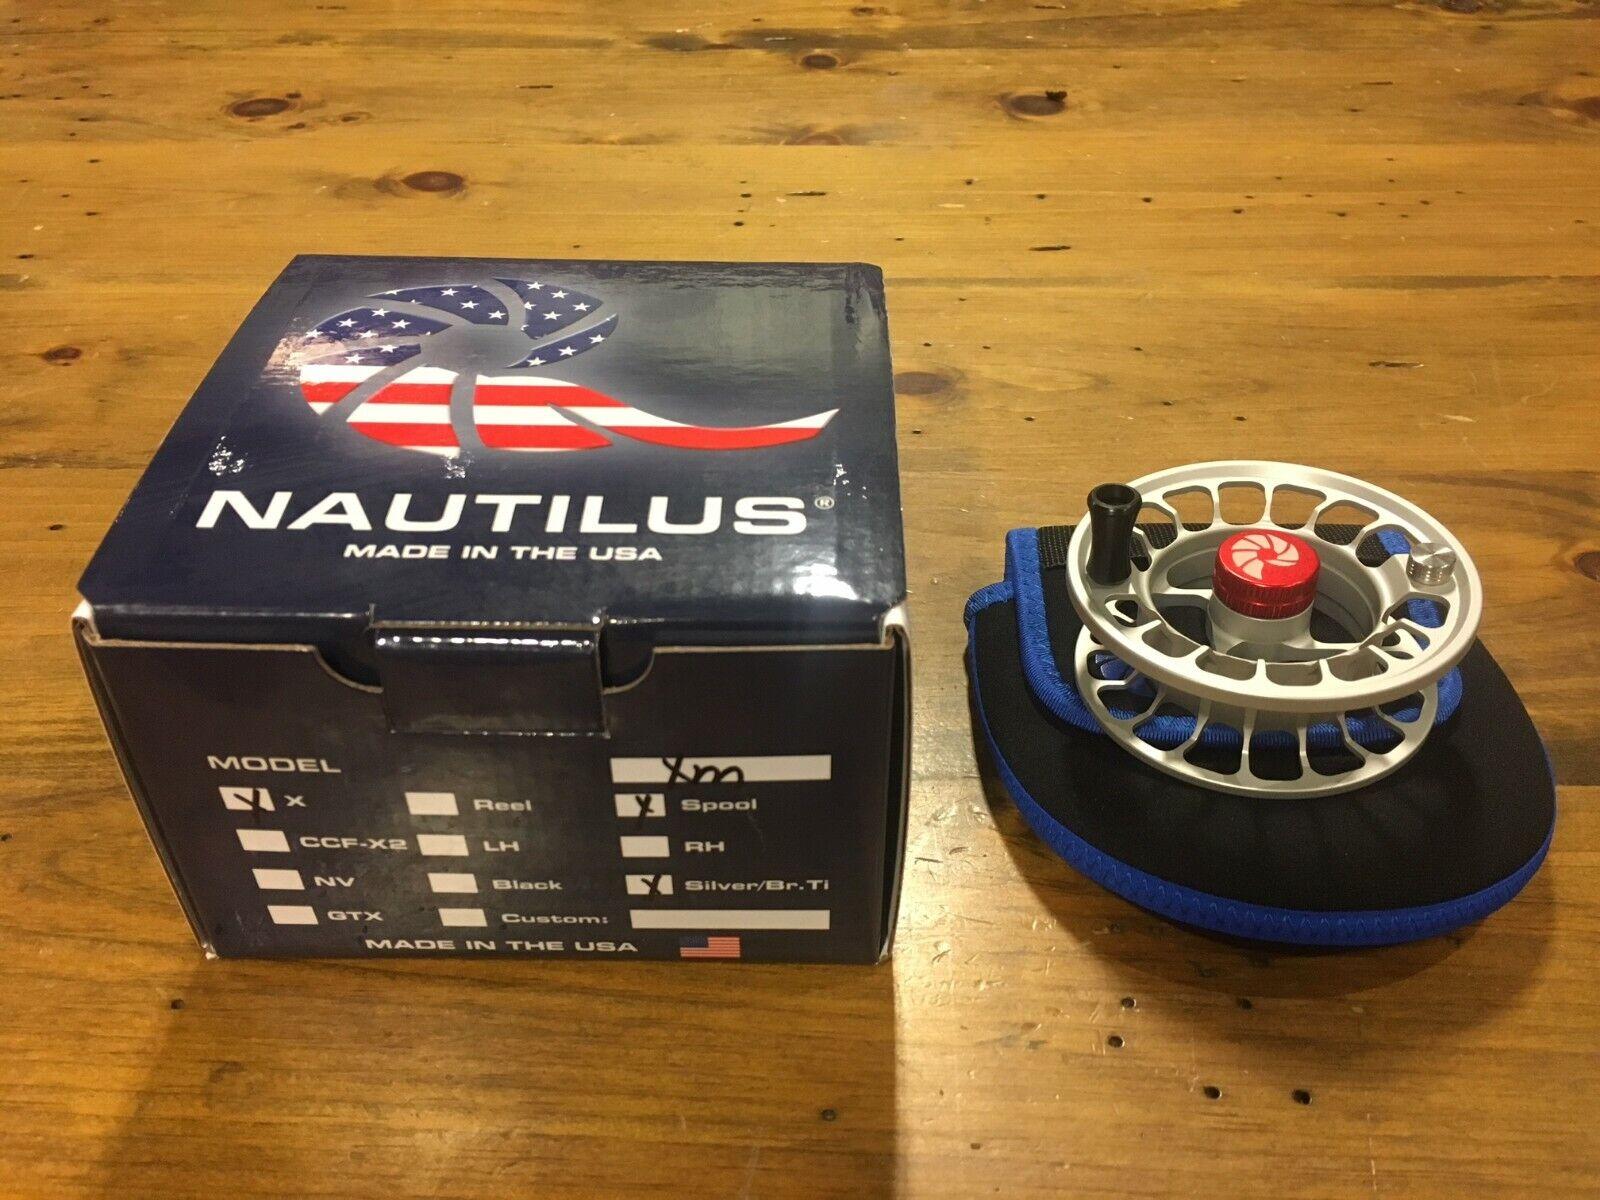 Nautilus X-Series XM Fly Reel - SPOOL ONLY - 4 5wt Titanium - FREE SHIPPING